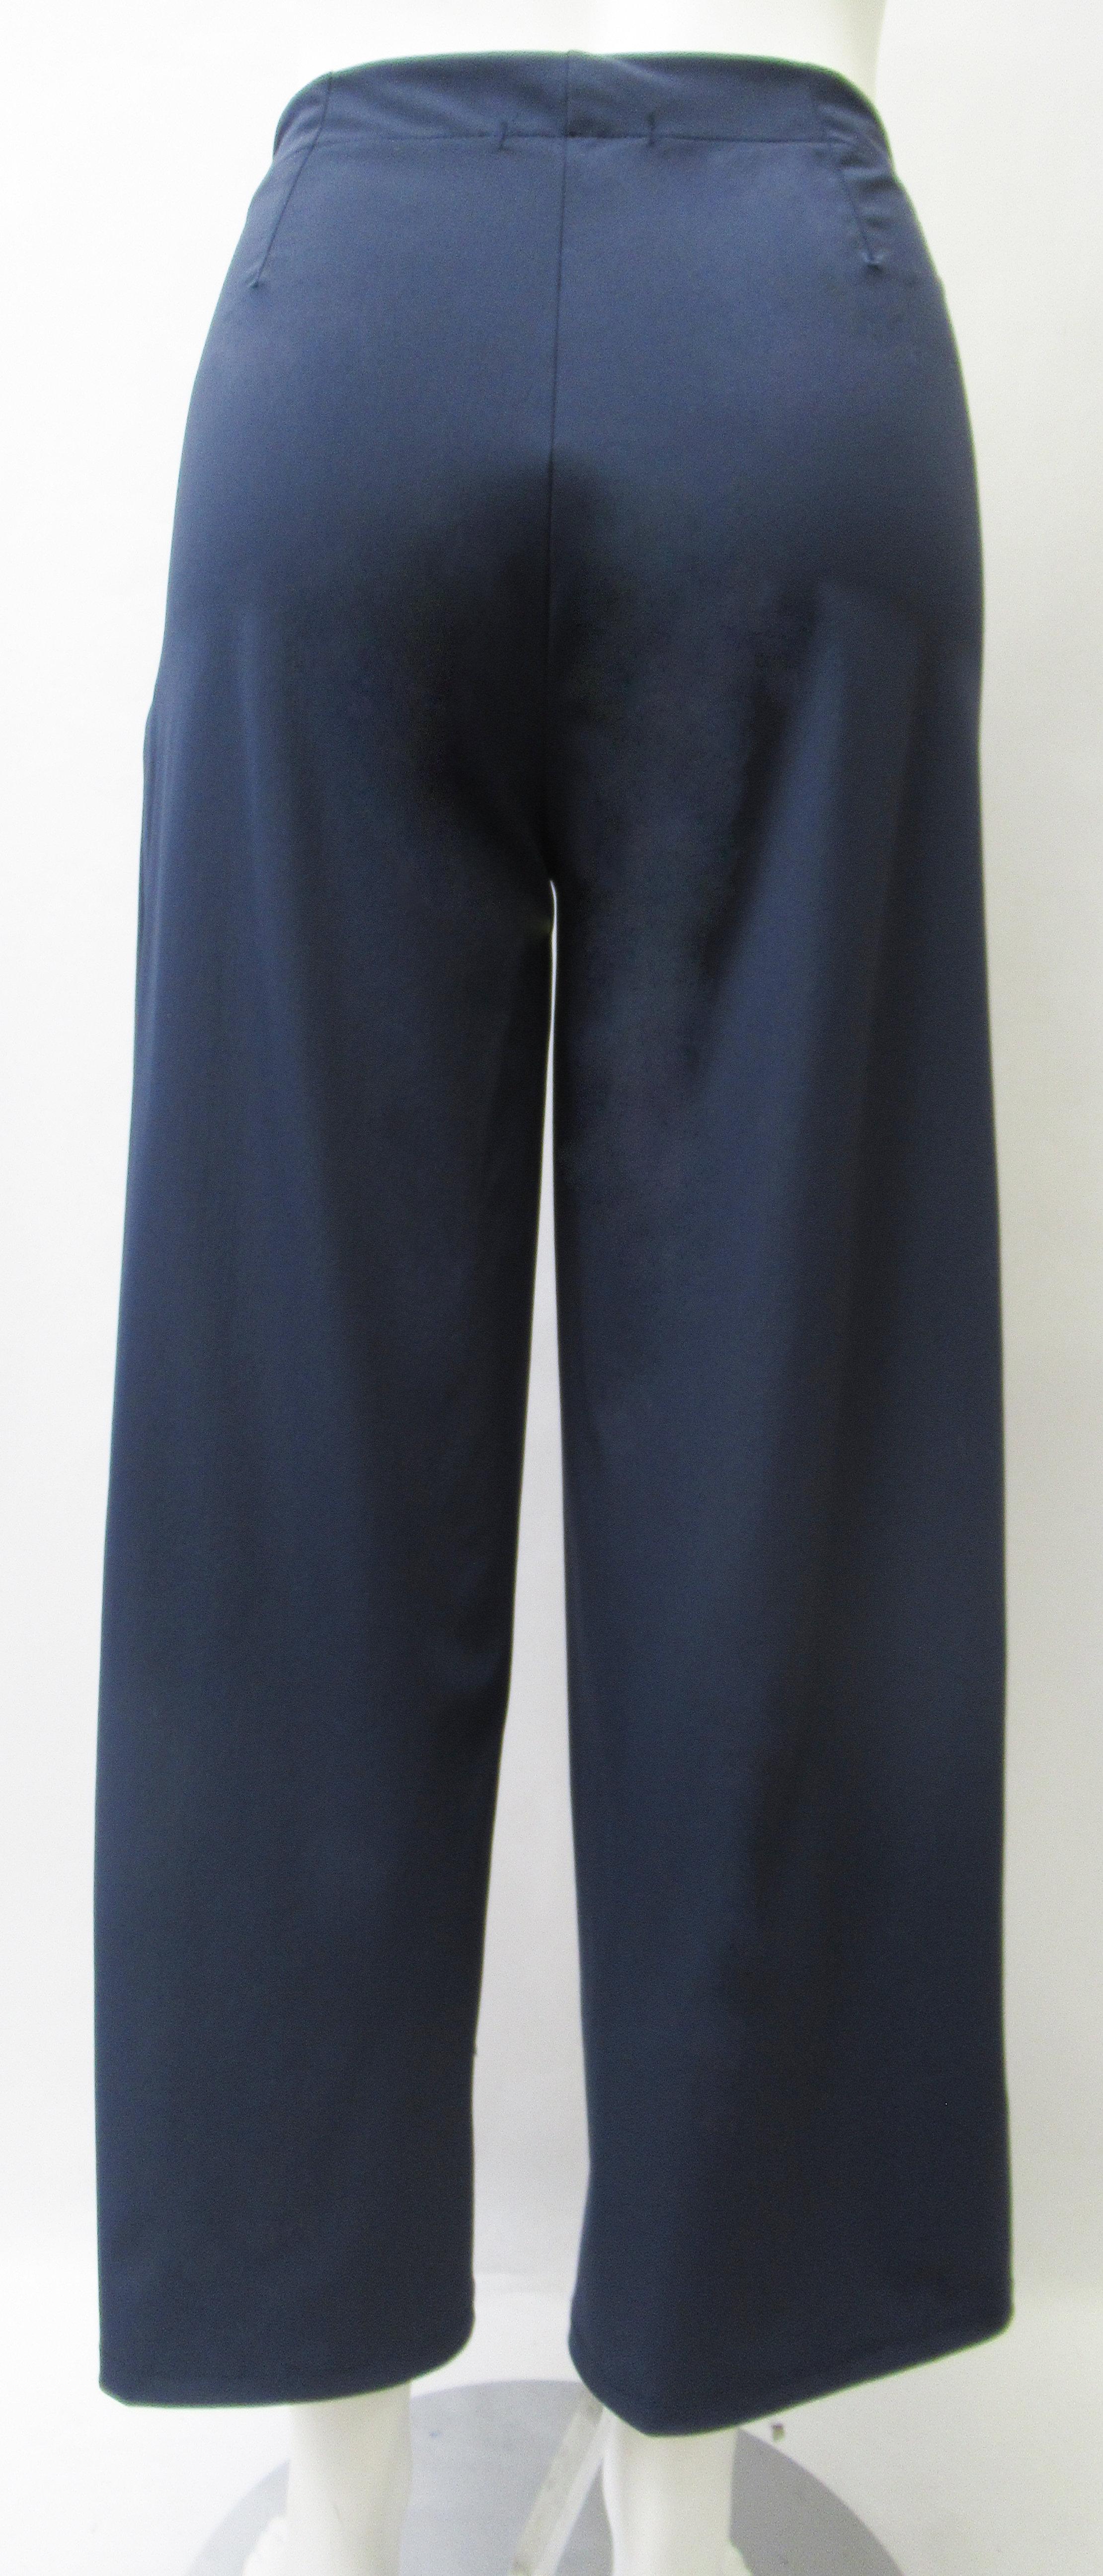 Maloka: Side Slit Rebel Pant (Almost Gone!)